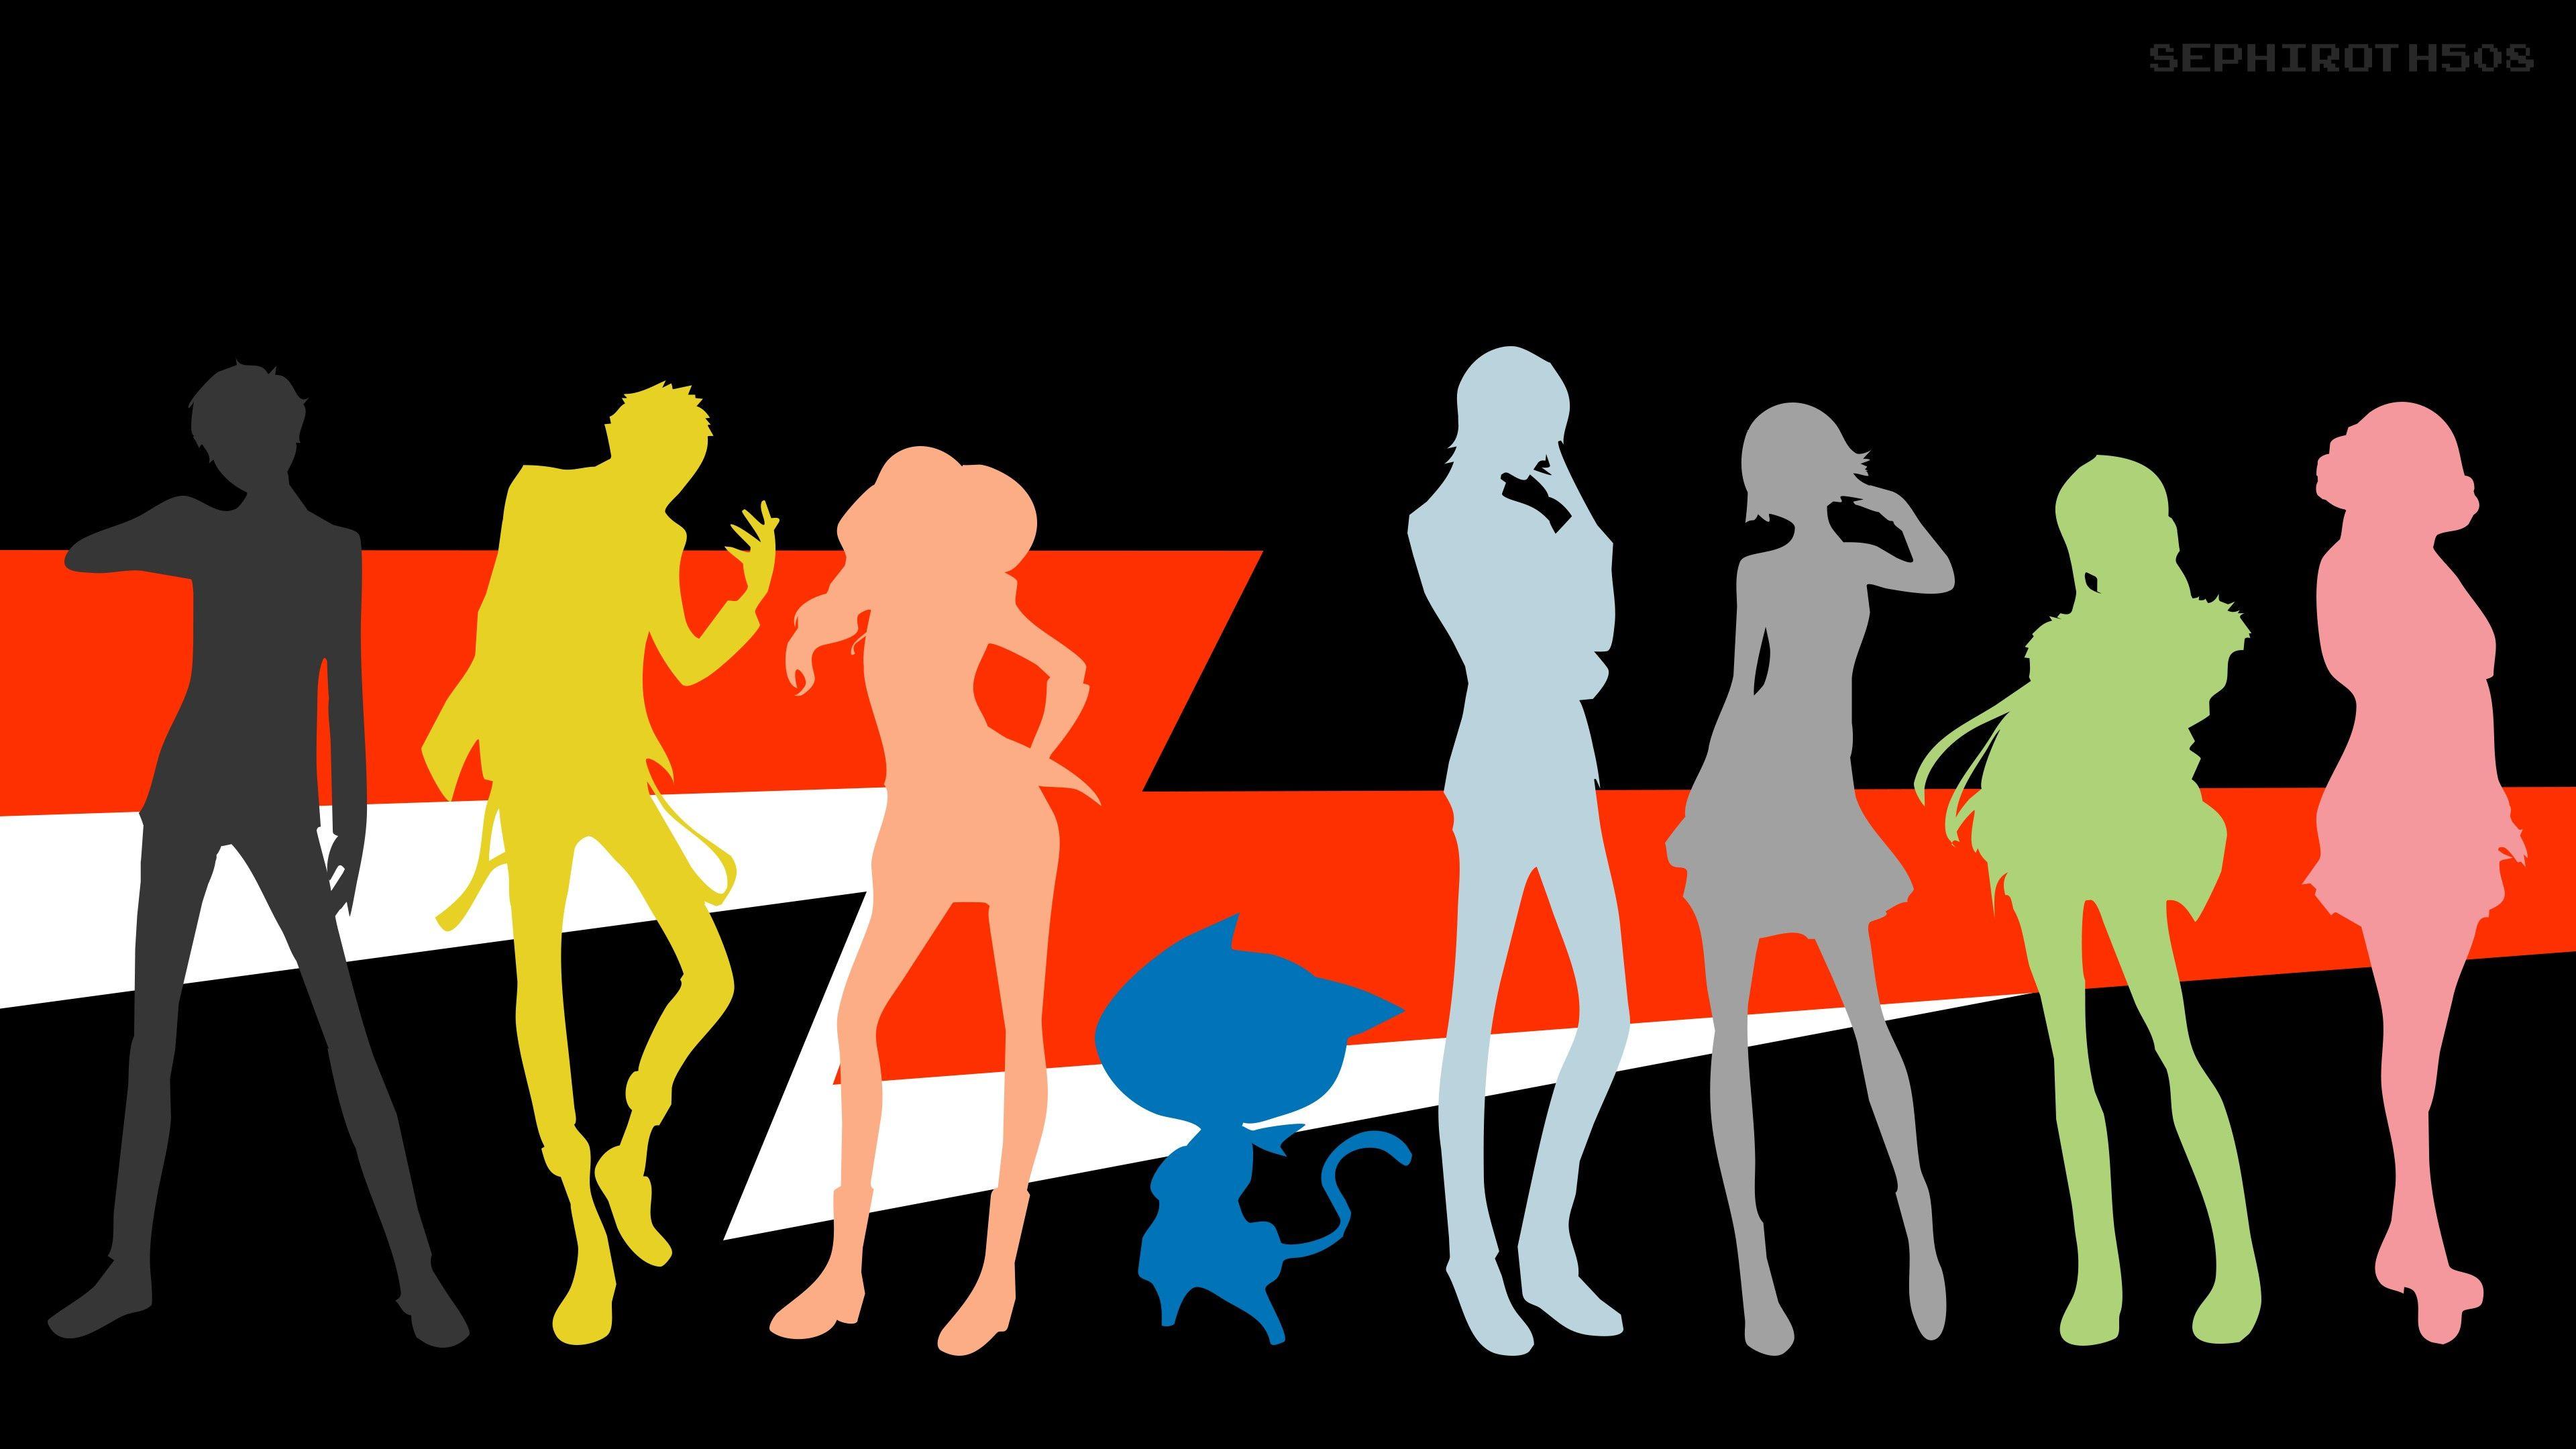 Vertical Persona 5 Wallpaper 3840x2160 Persona 5 Minimalist Wallpaper Character Wallpaper